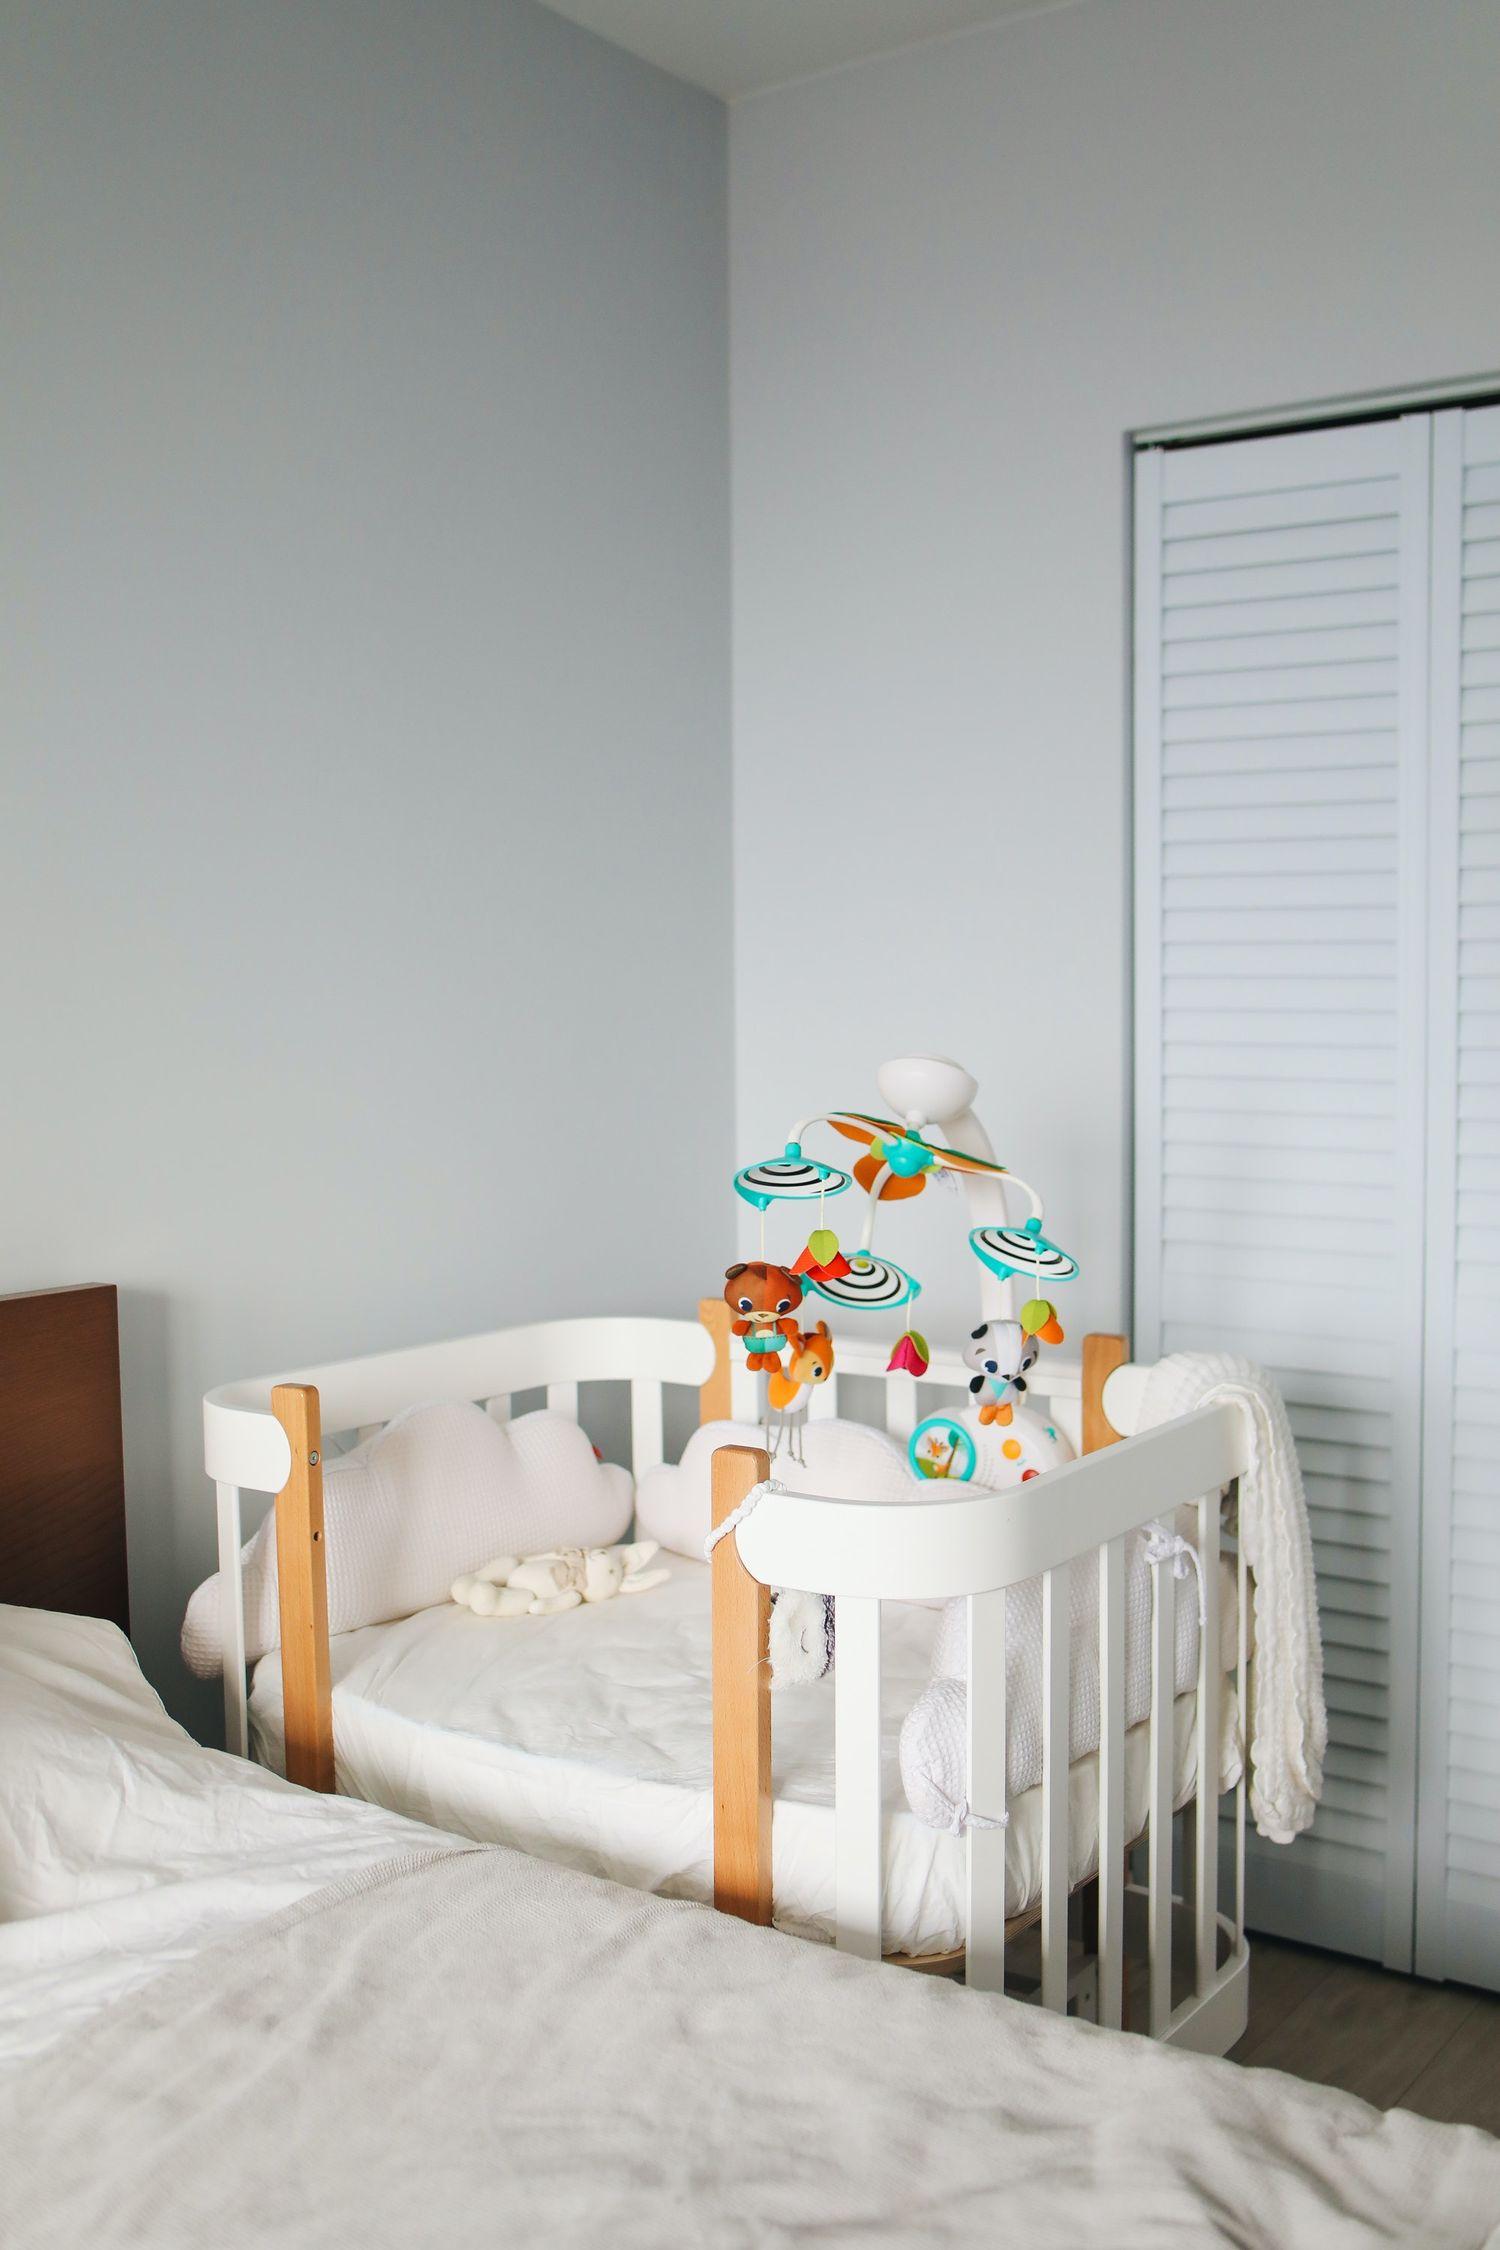 идея для детской комнаты, вдохновение детской комнаты